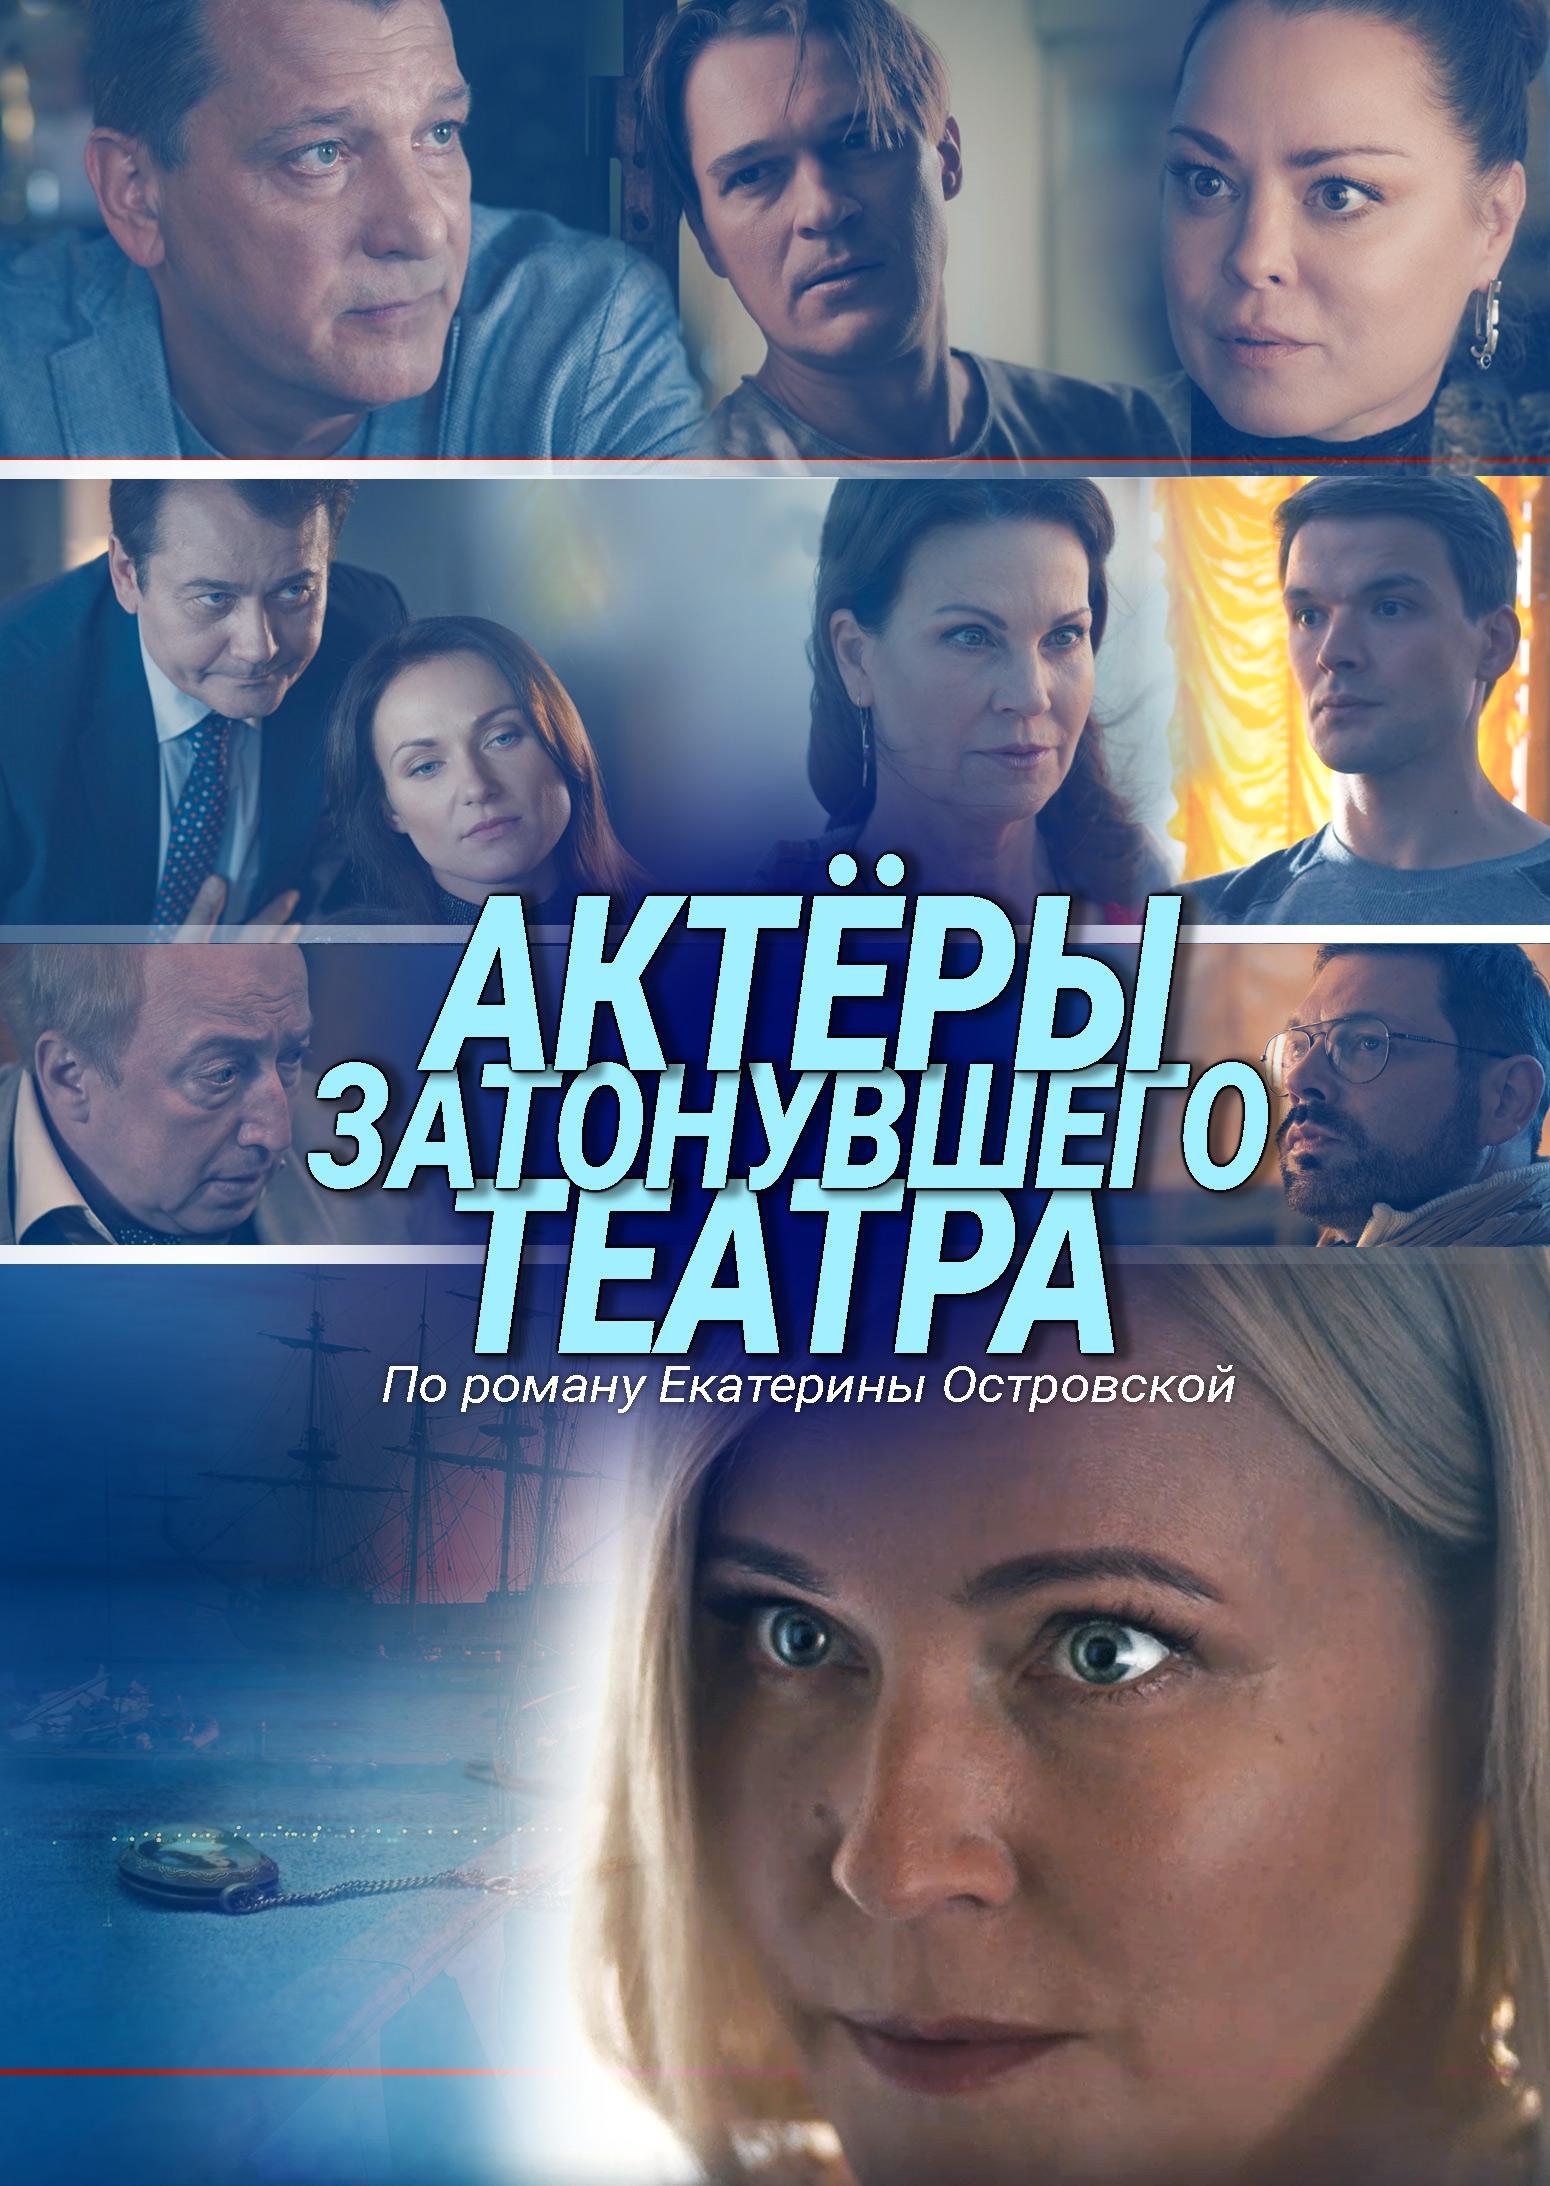 Актеры затонувшего театра